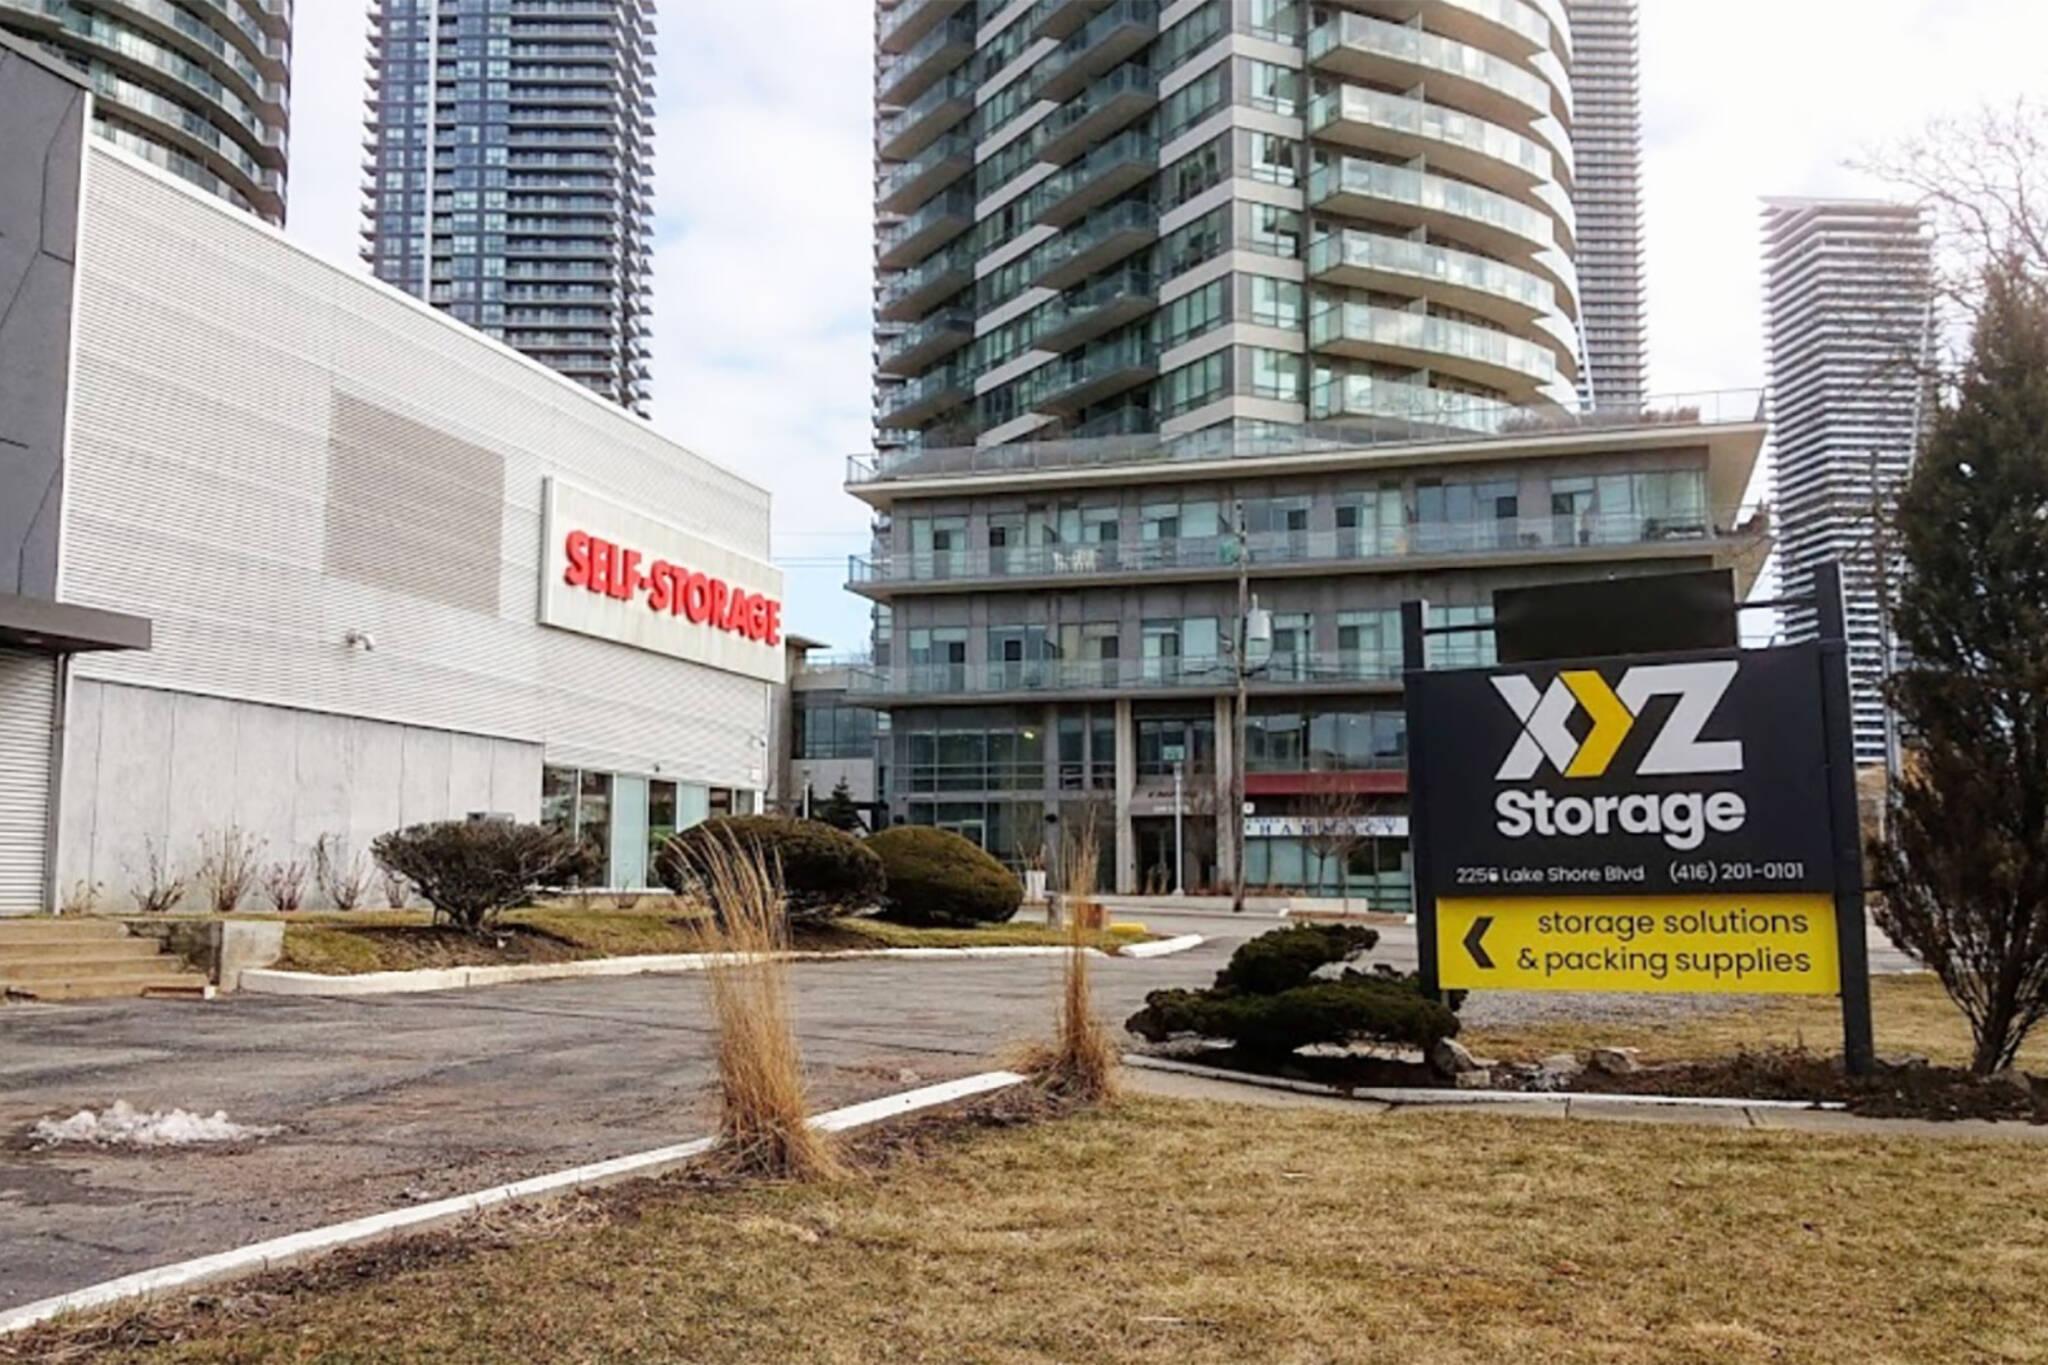 XYZ Storage Etobicoke